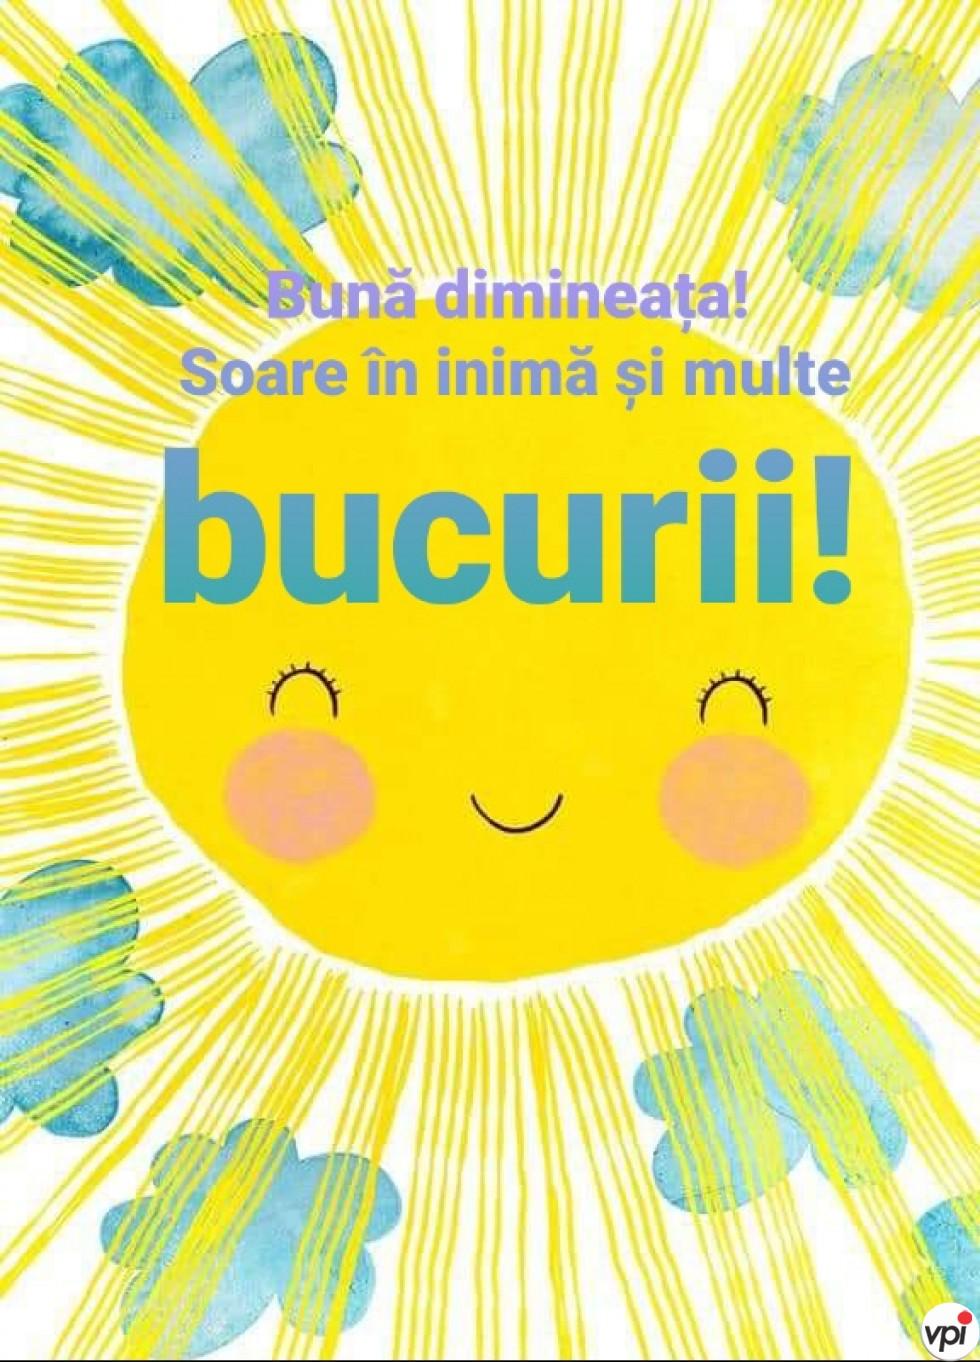 Bună dimineața! Soare în inimă și multe bucurii!